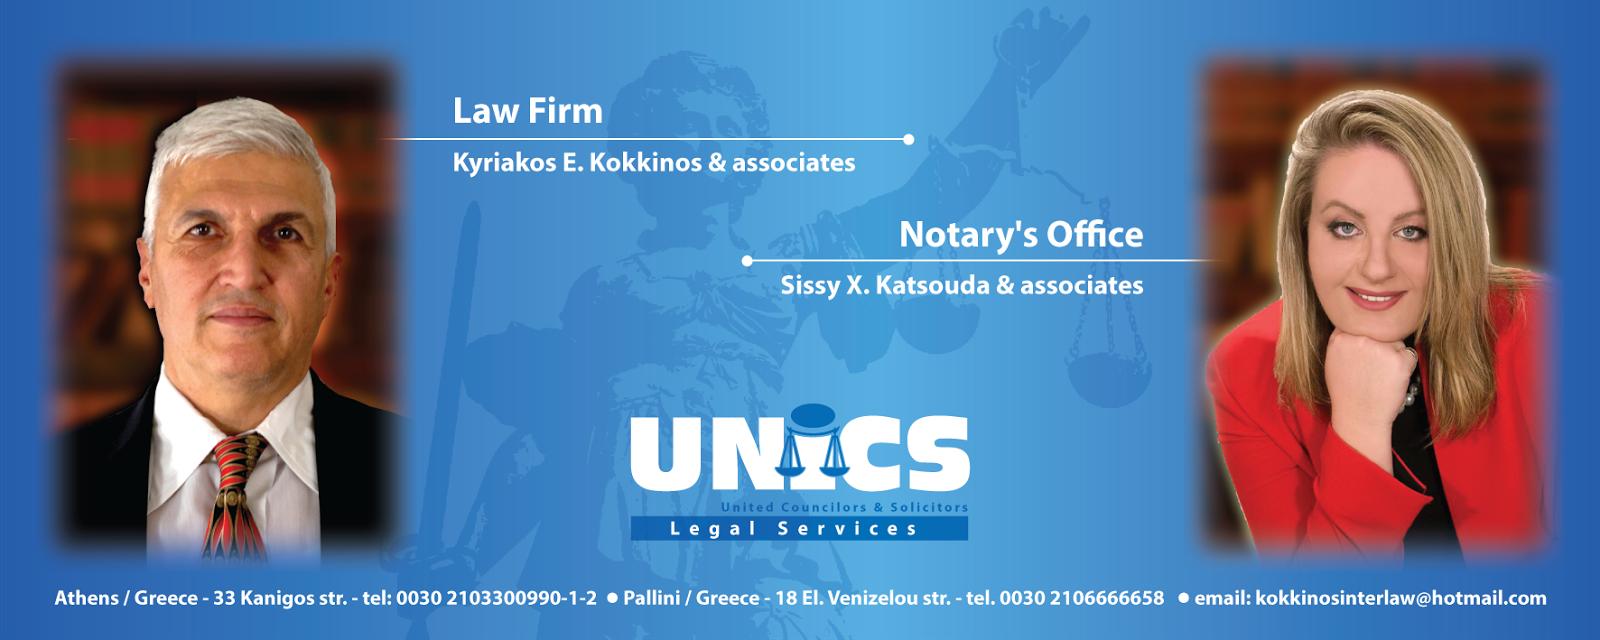 Κυριάκος Κόκκινος-Σίσσυ Κατσούδα και συνεργάτες/Δικηγορικό & Συμβολαιογραφικό Γραφείο